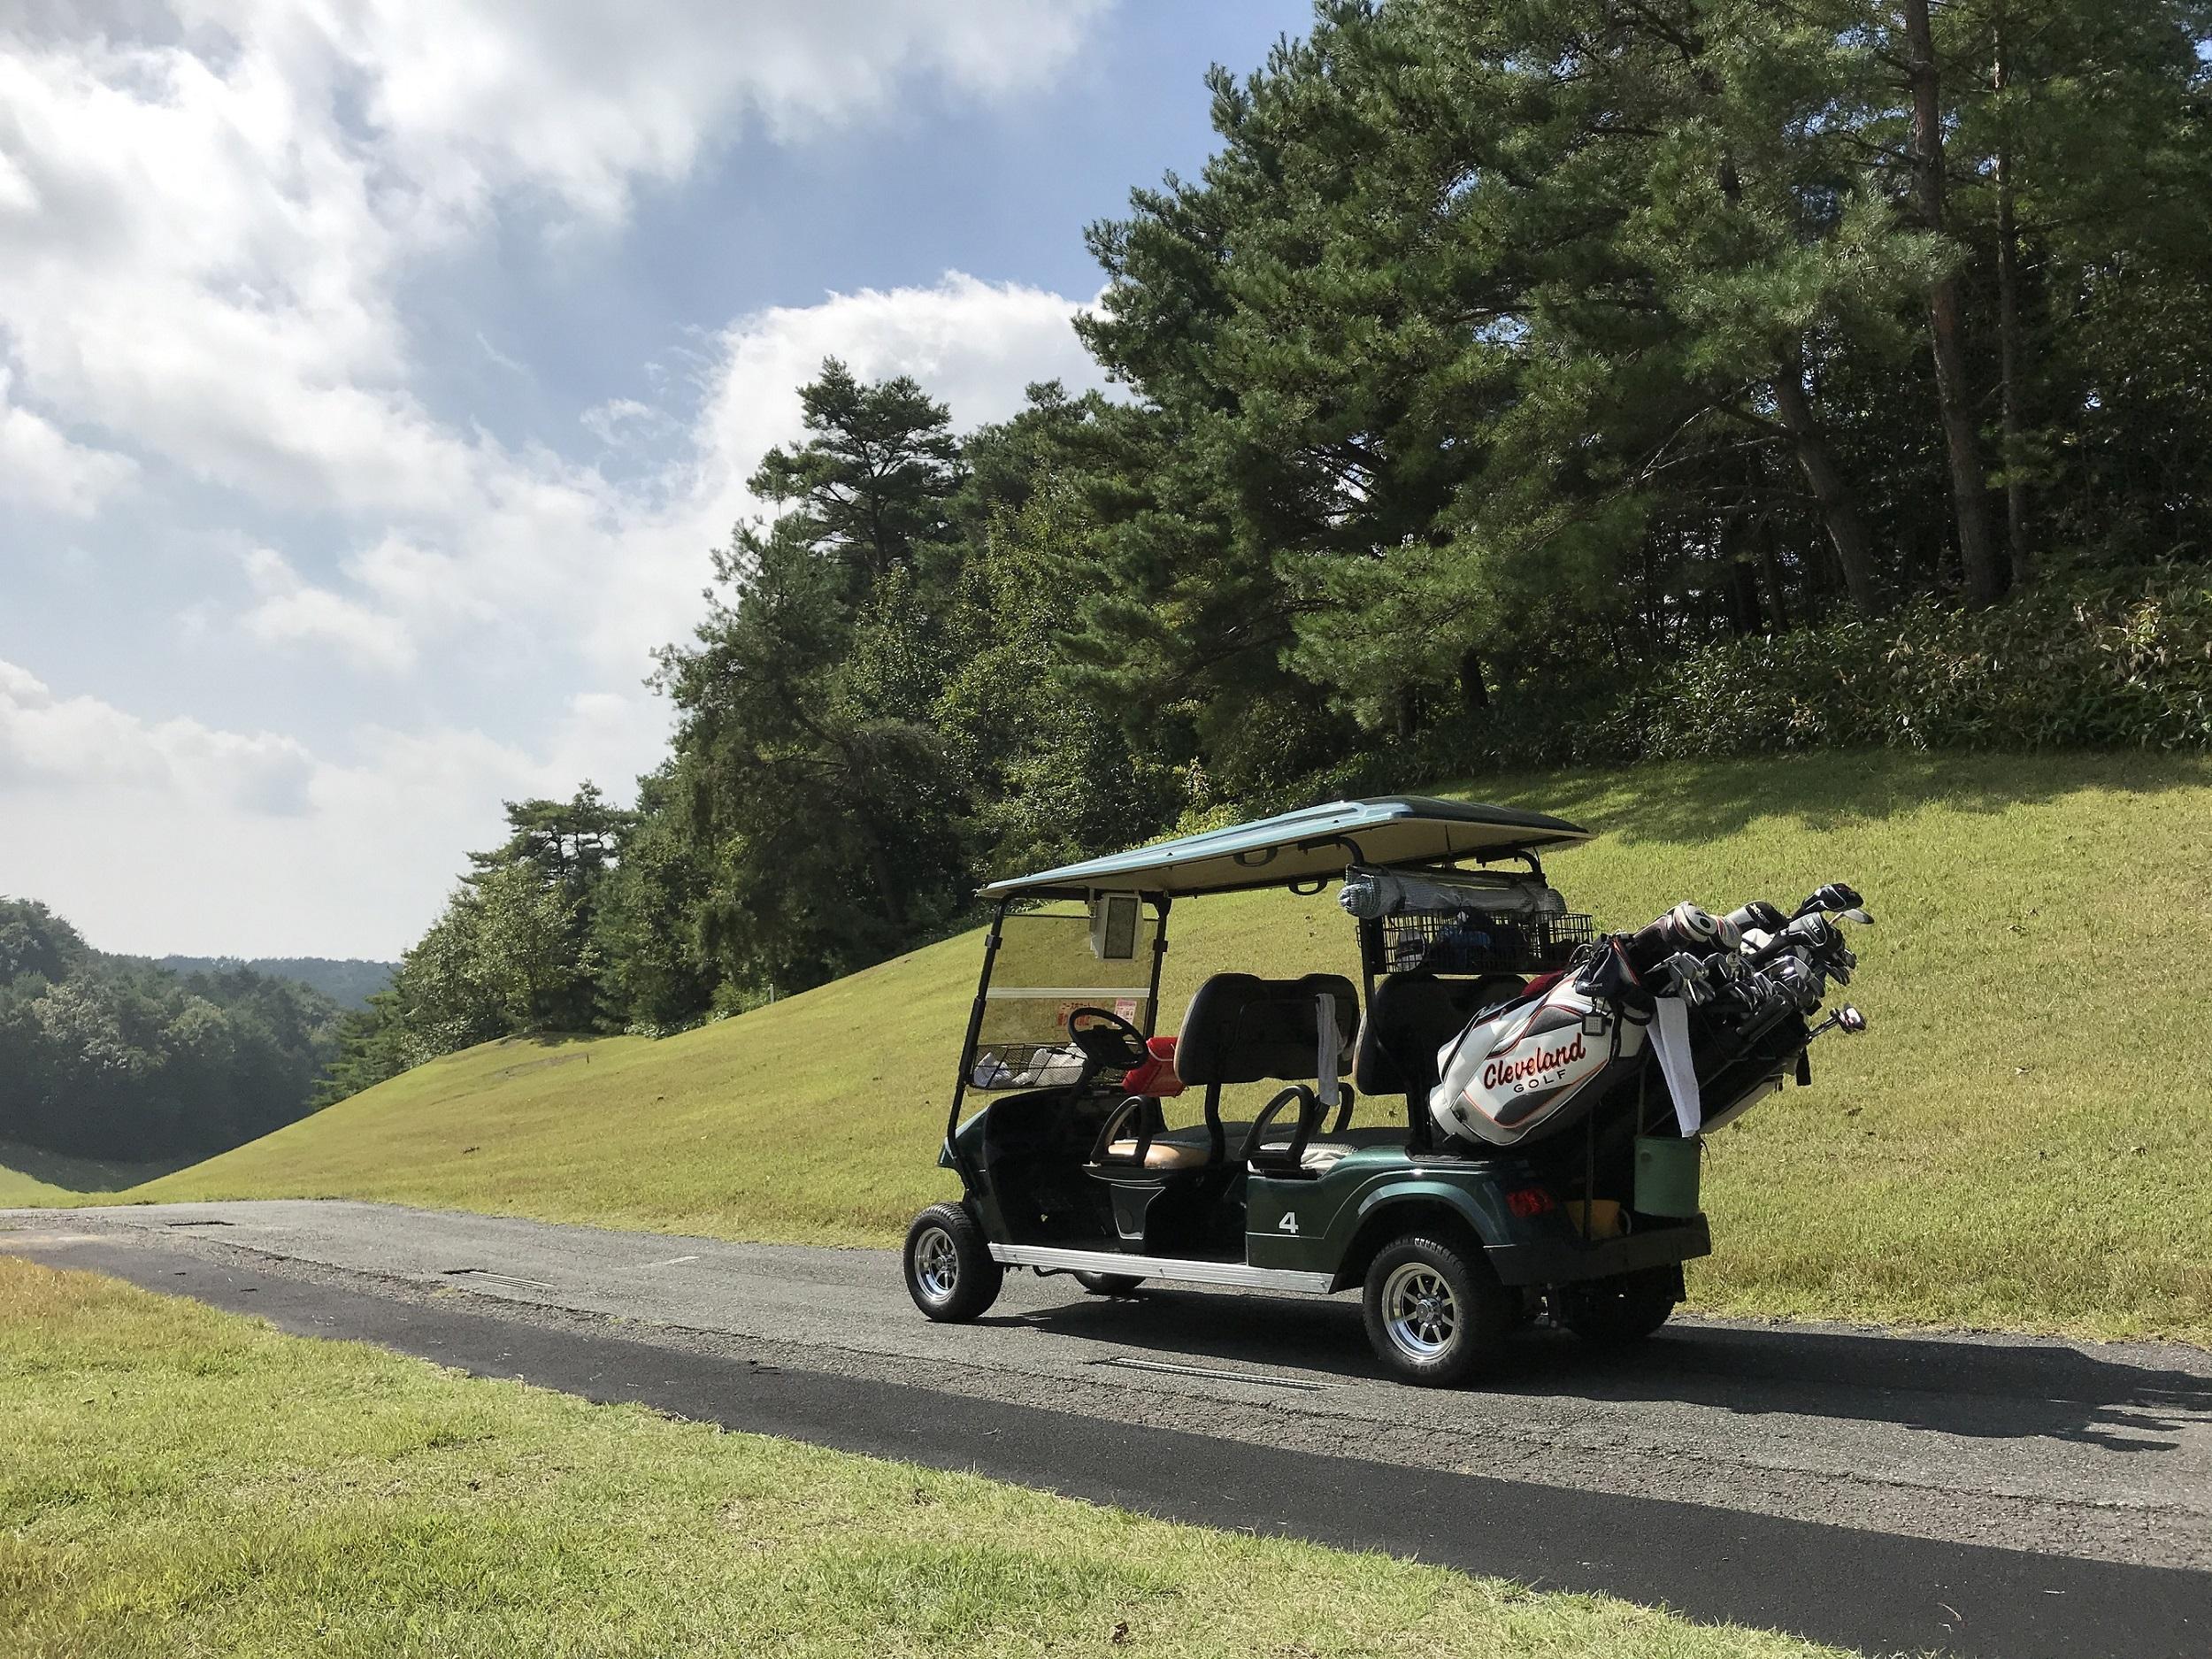 ツネイシCバリューズ ゴルフナビゲーションシステム搭載の自走式EVゴルフカートを開発